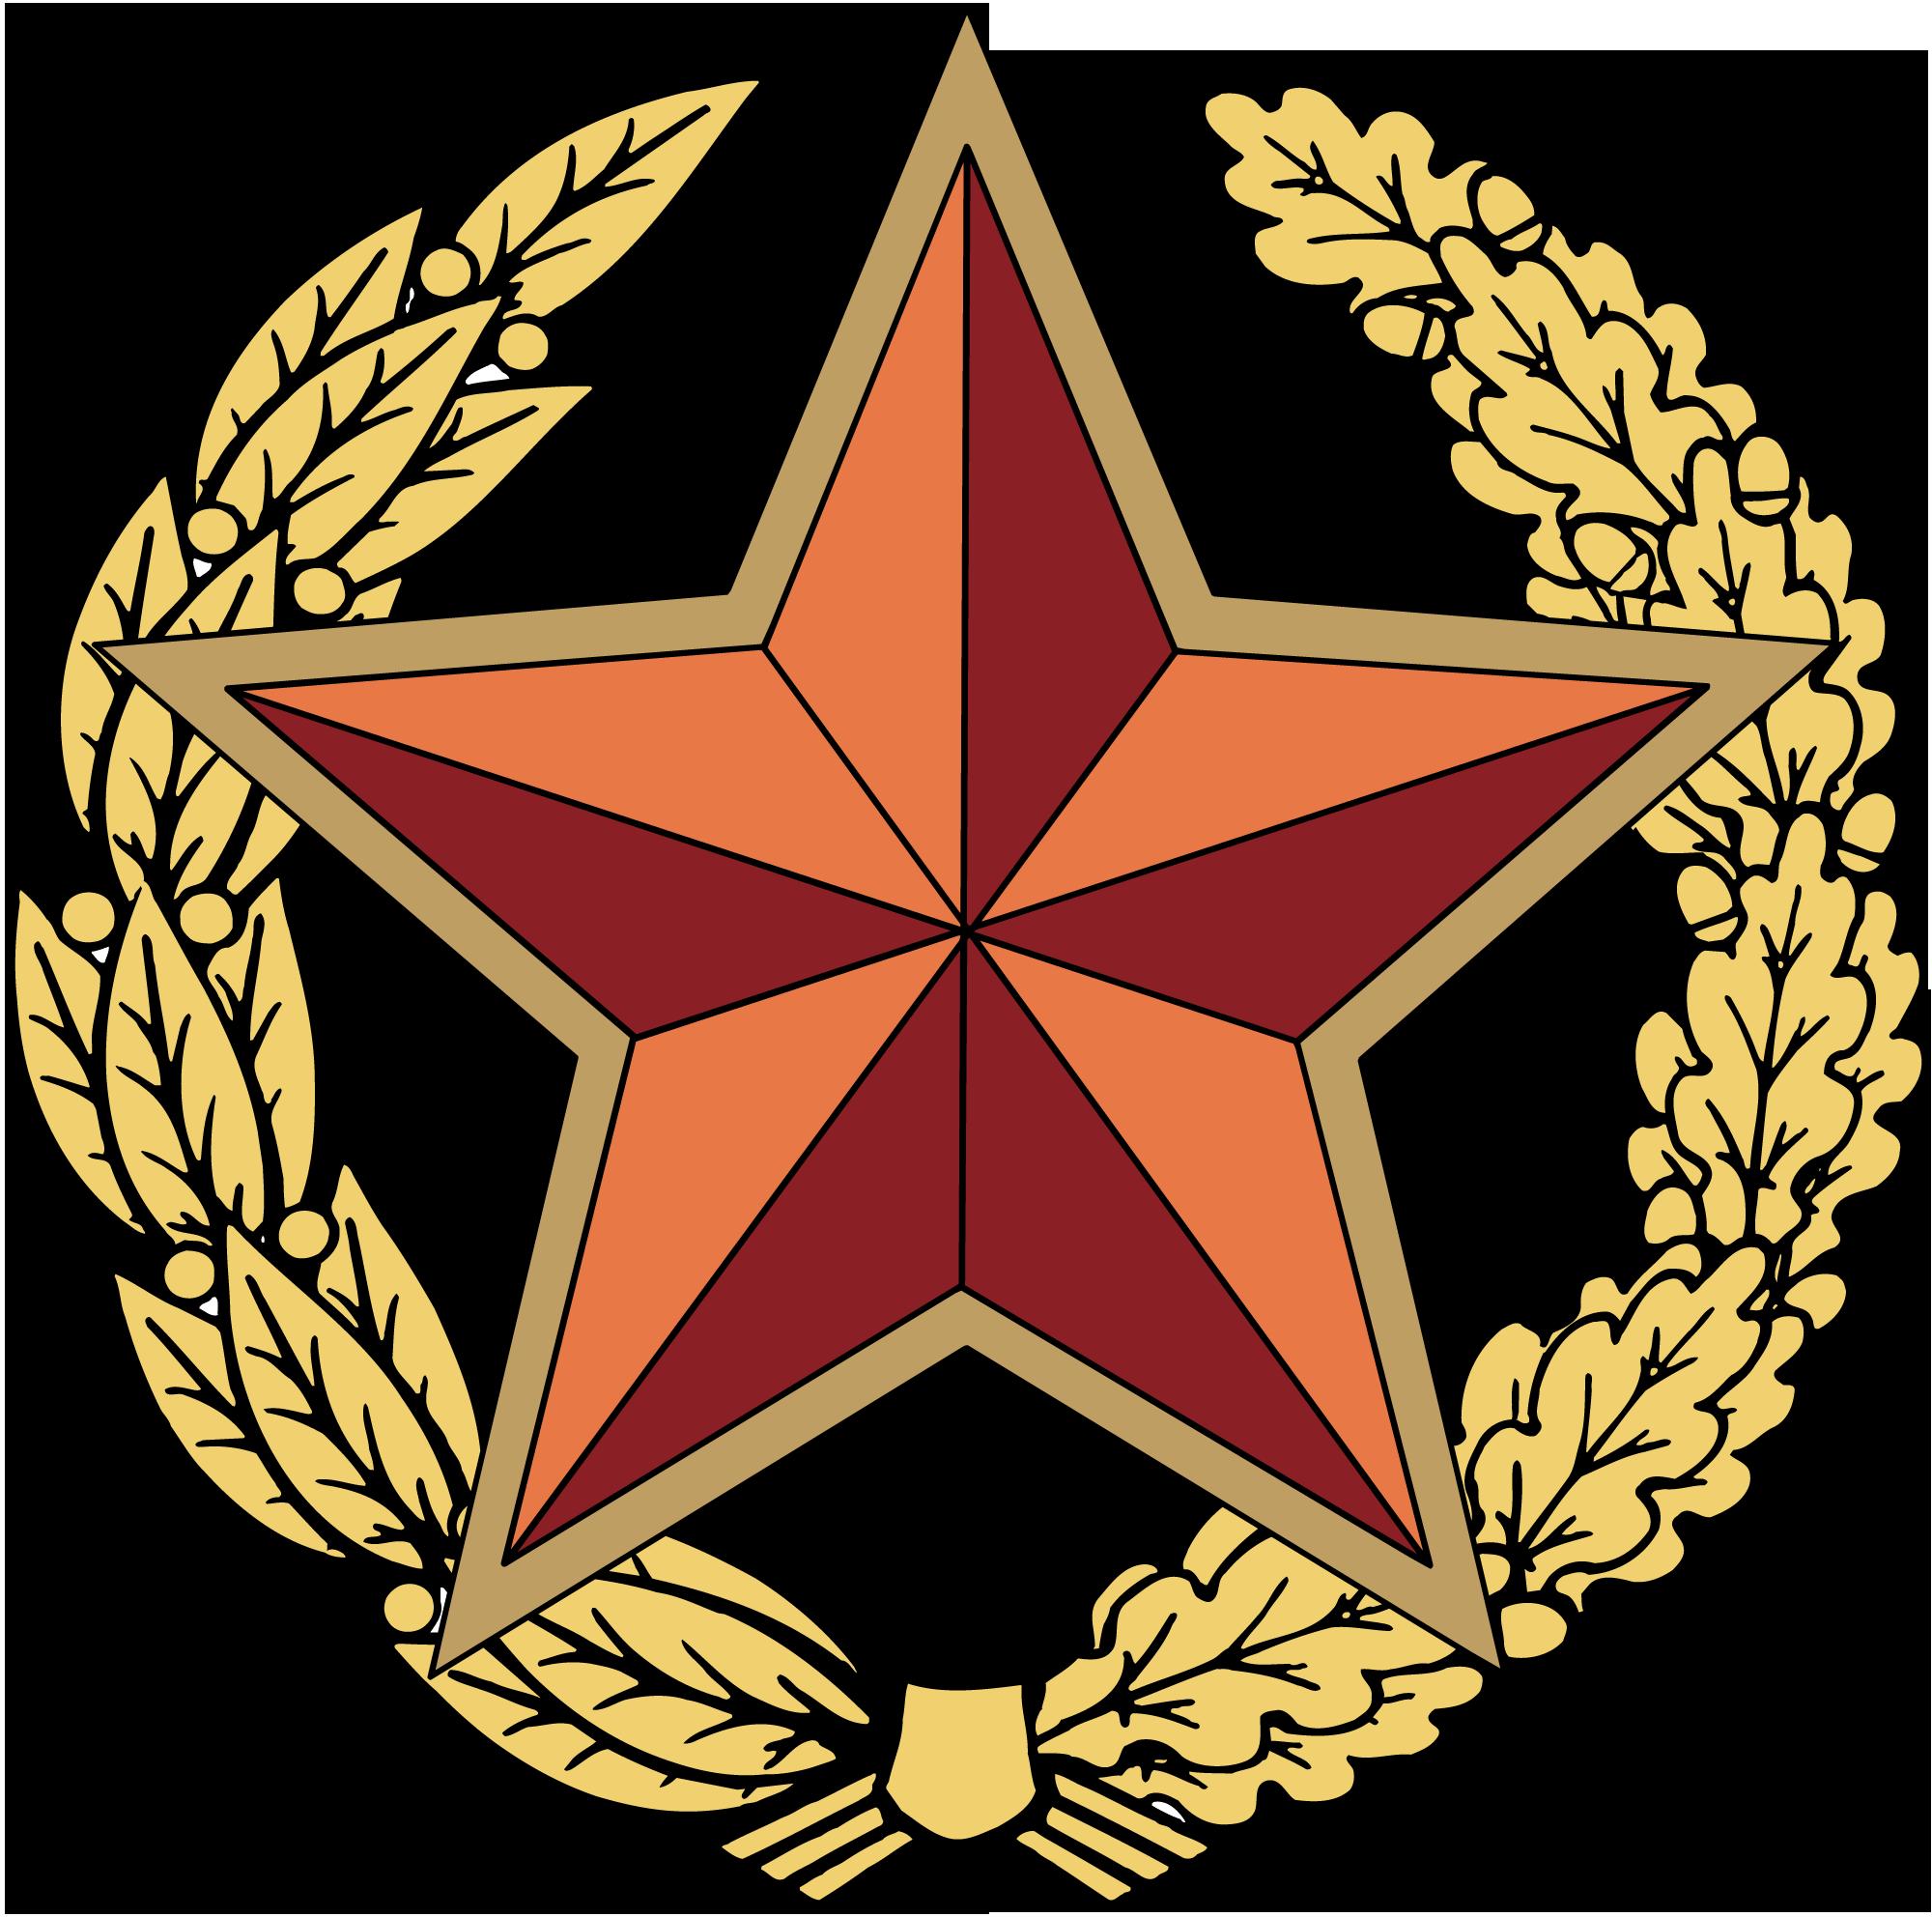 Эмблема Вооружённых сил Республики Беларусь